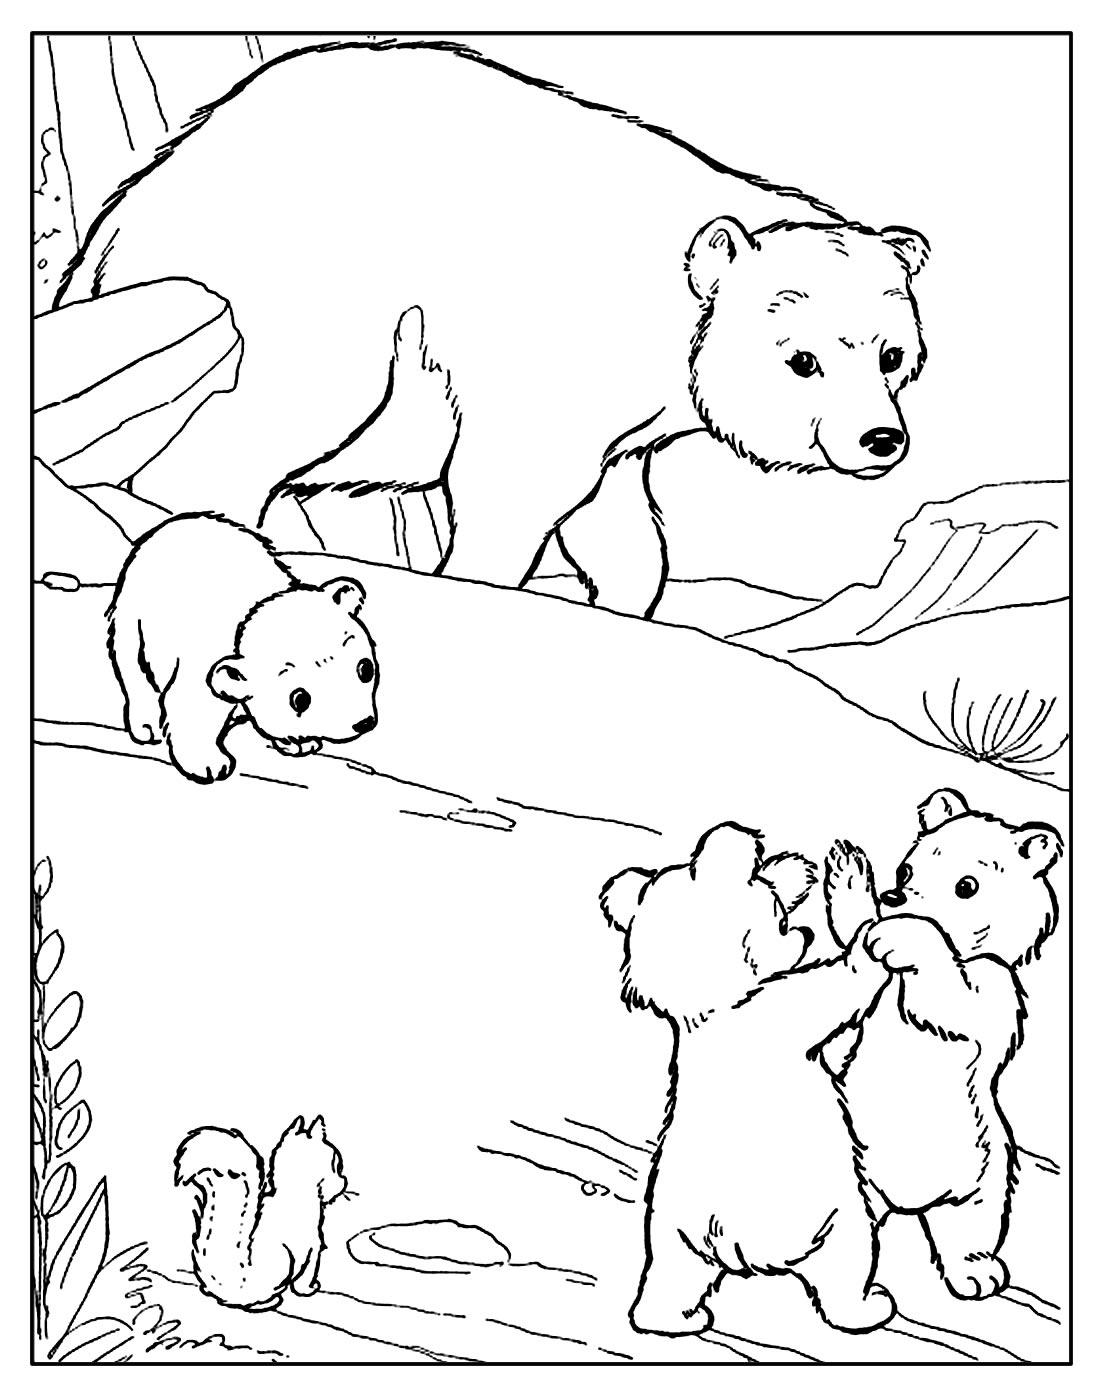 Página para pintar de Urso